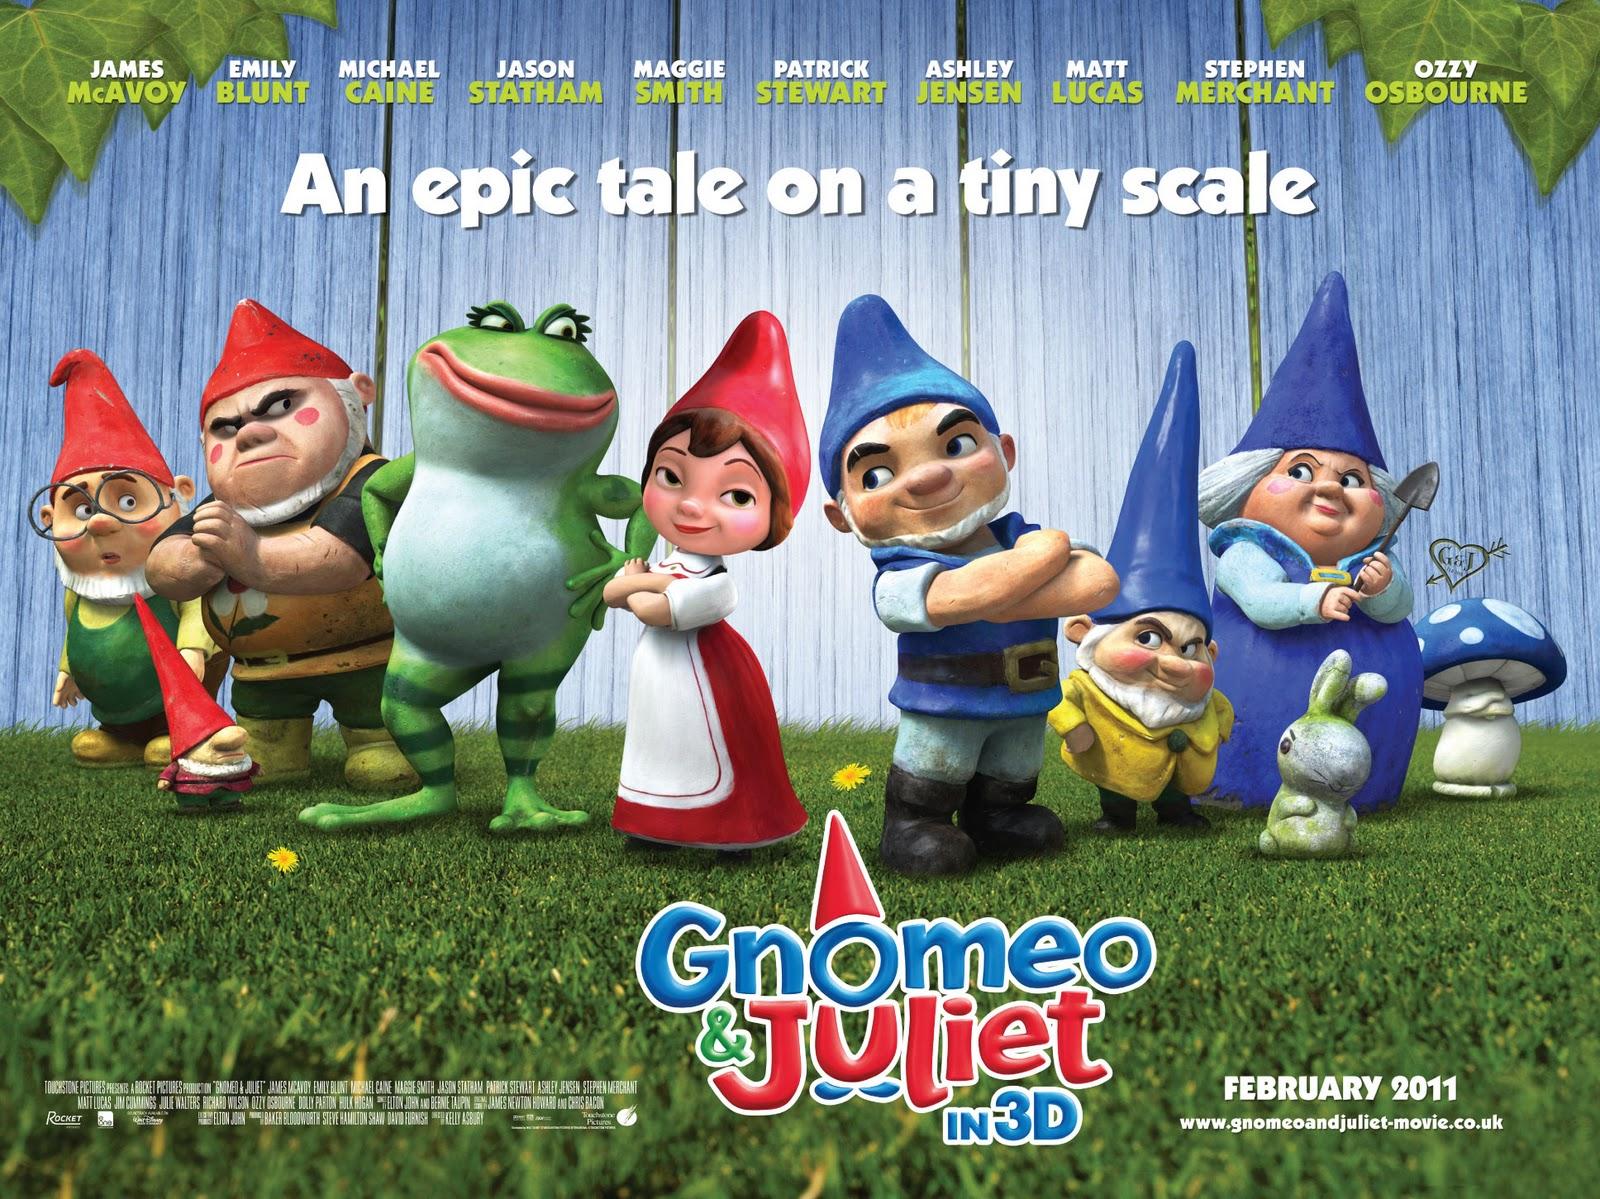 http://1.bp.blogspot.com/-UxFfM2TfelM/Taqa900vSgI/AAAAAAAAC_8/F8cFqm2KJMw/s1600/Gnomeo-and-Juliet-Movie-Poster-Wallpaper.jpg